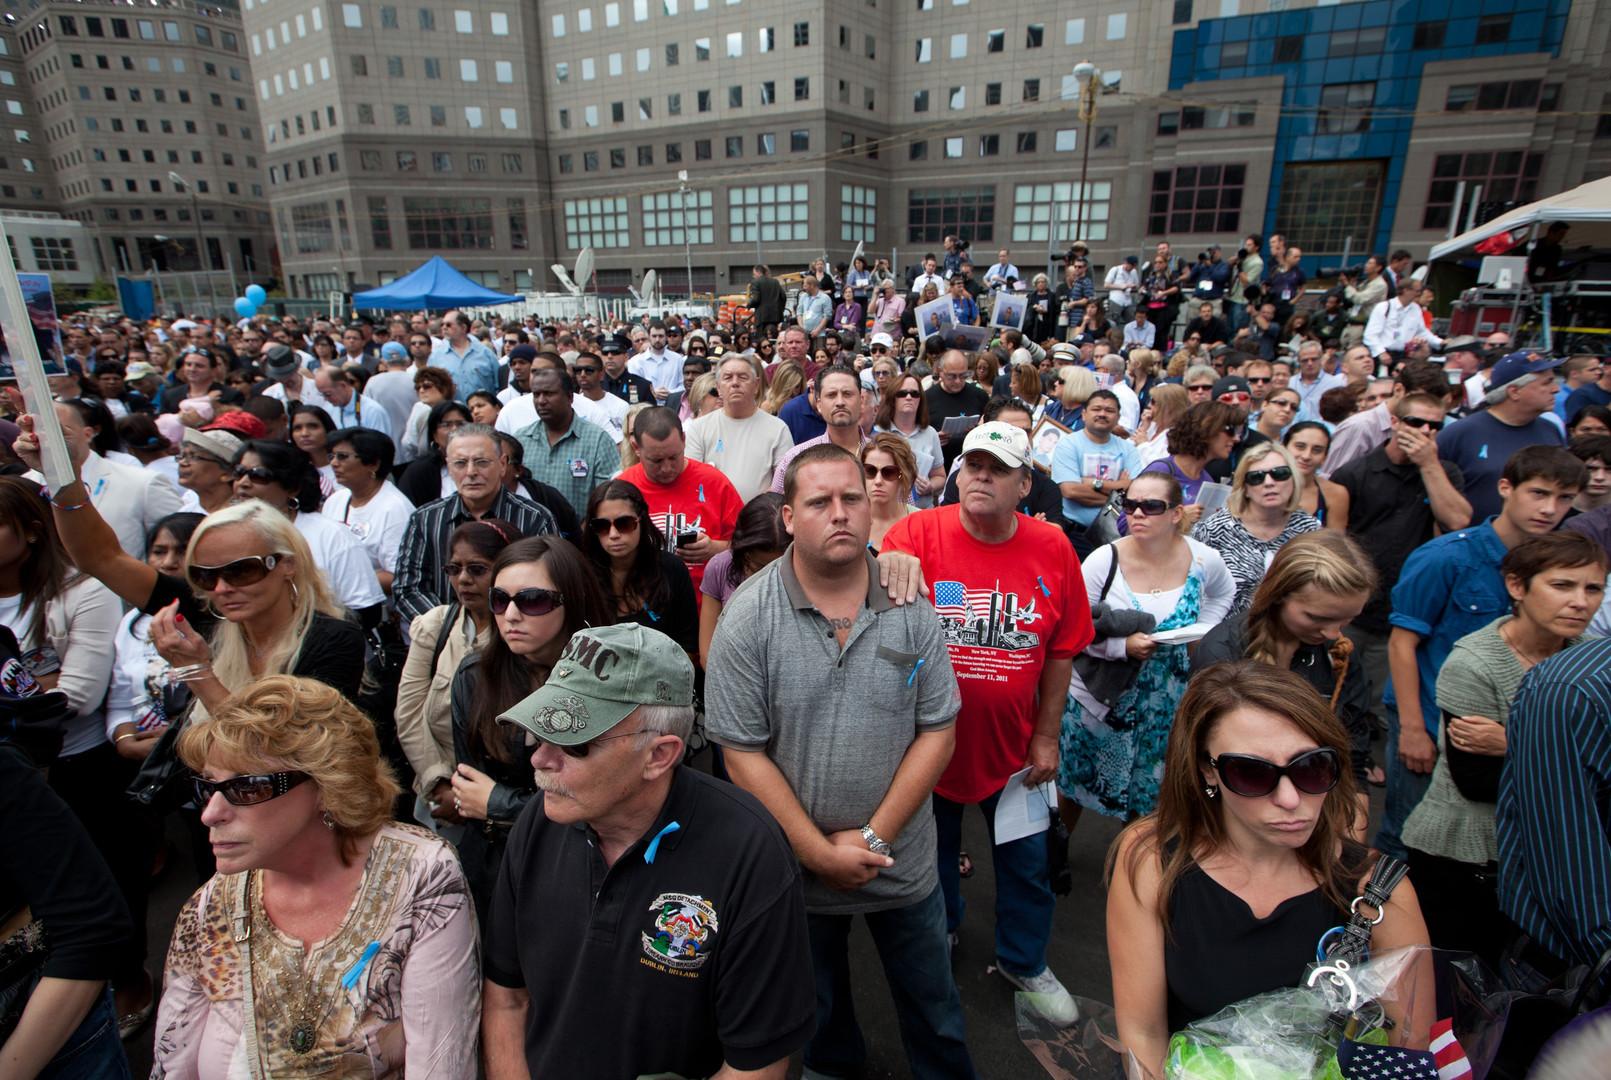 أفراد لعائلات ذوي ضحايا هجمات 11 سبتمبر في مراسم ذكرىها الـ10 بنيويورك